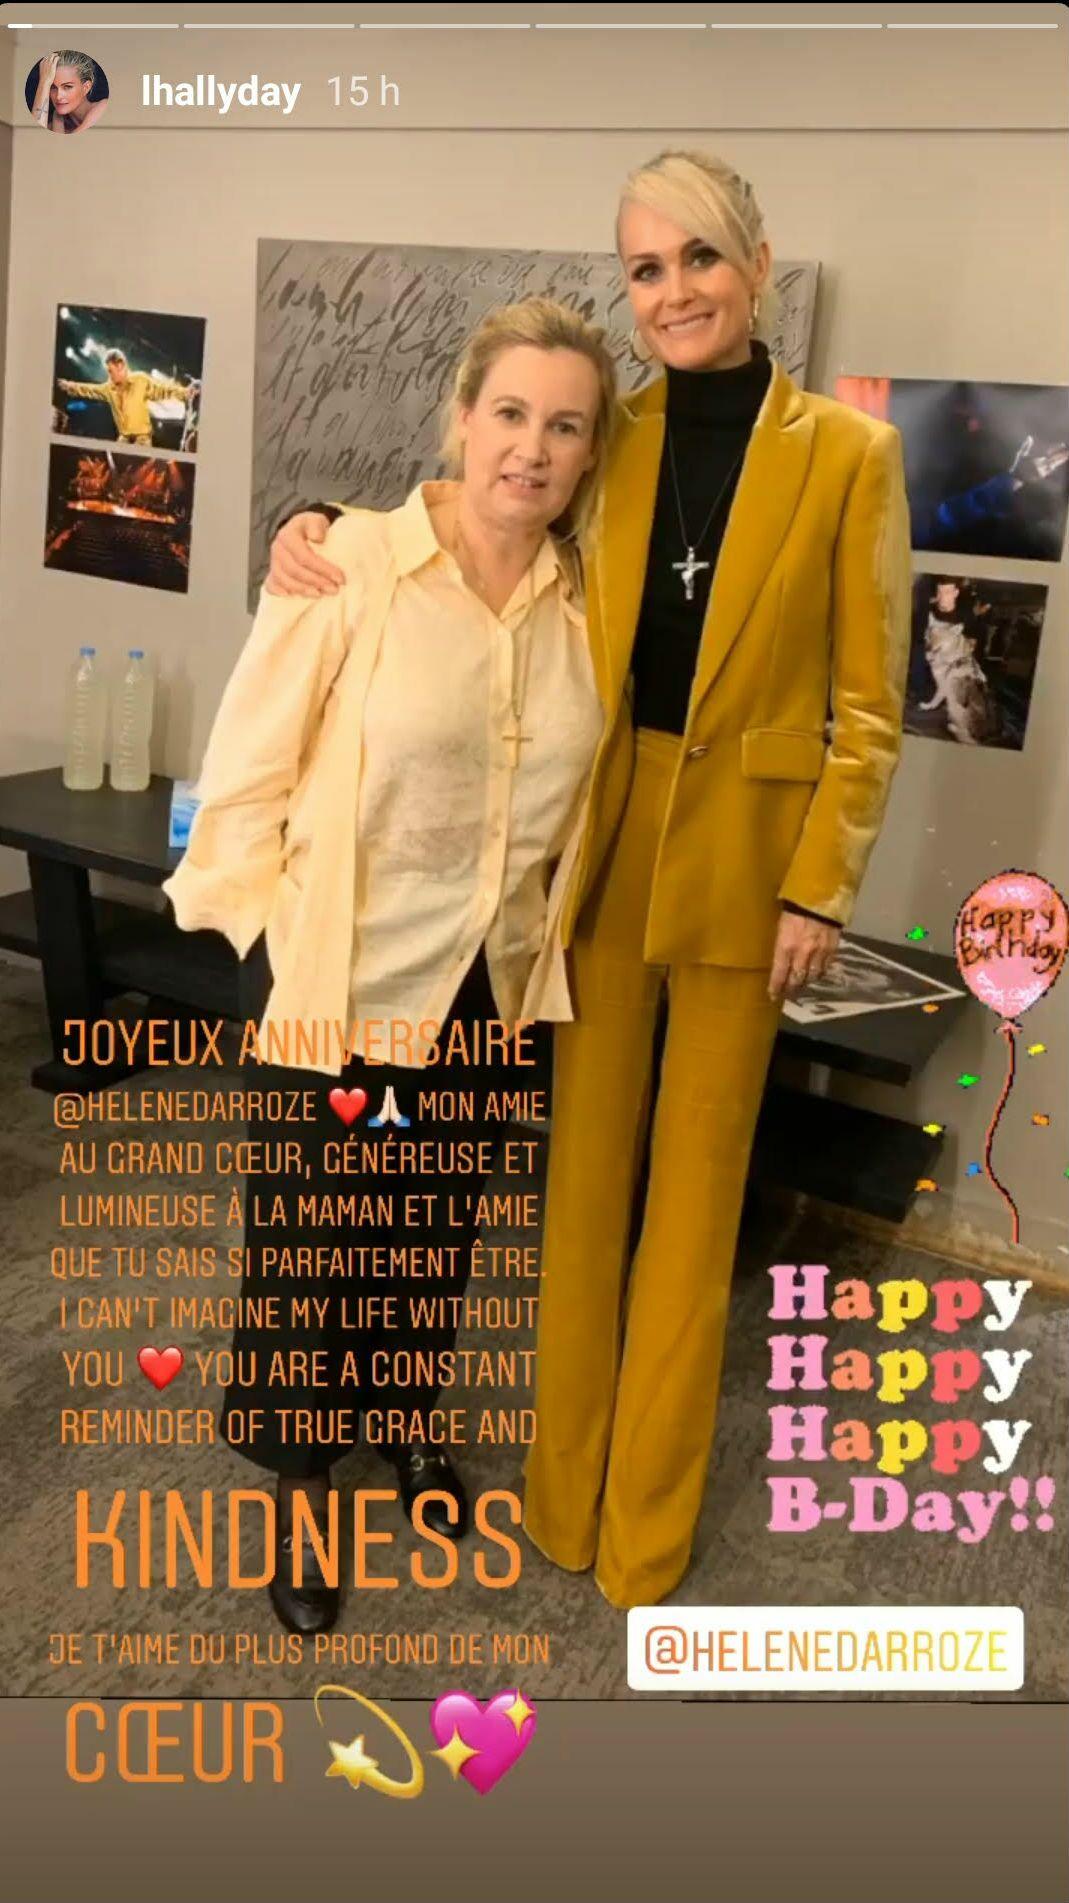 Laeticia Hallyday prend la pose, tout sourire, au côté de son amie Hélène Darroze